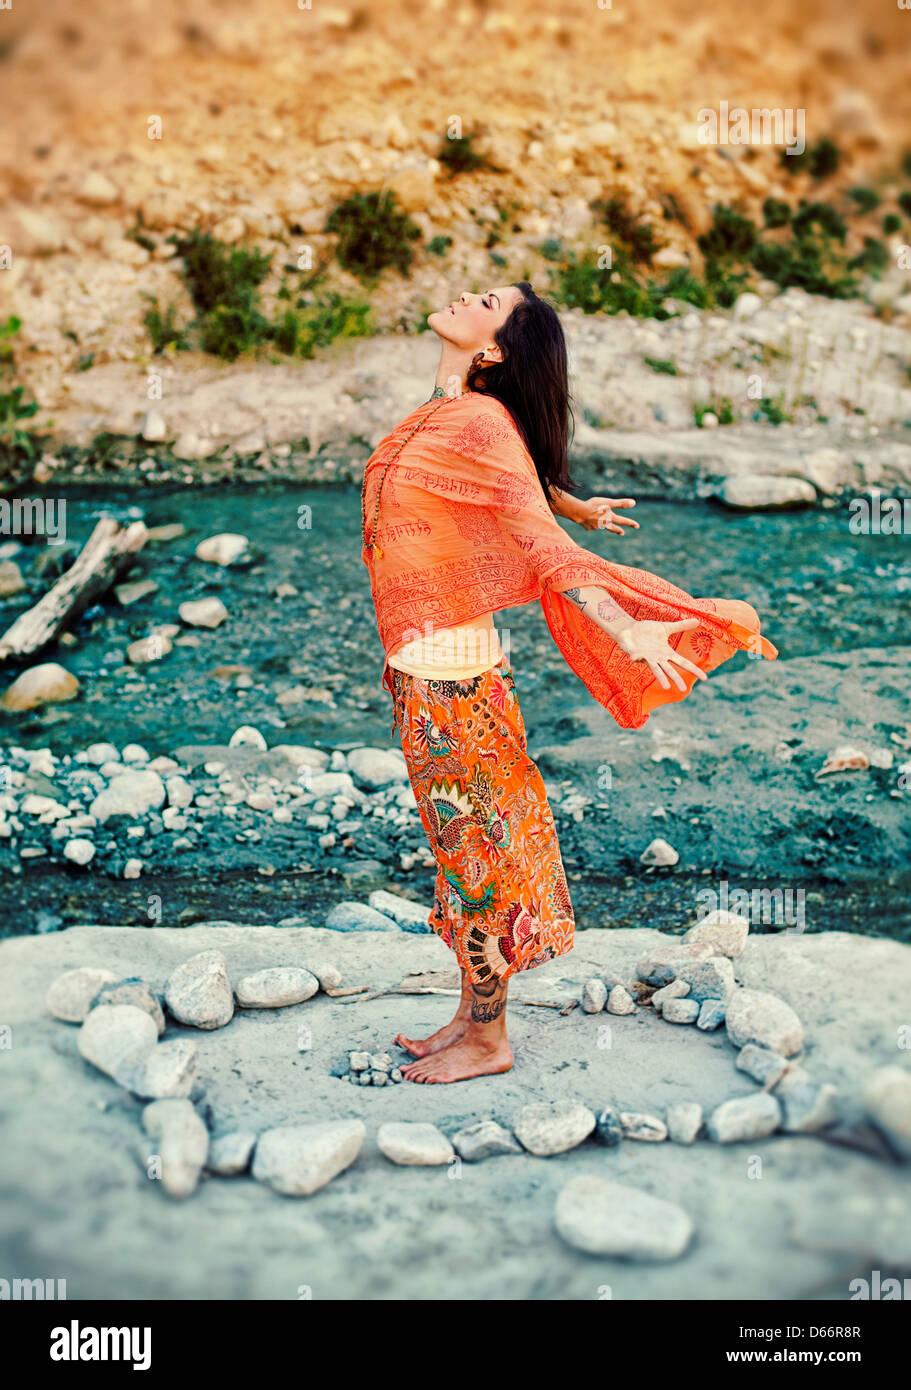 Mujer al aire libre cerca de un río con sus brazos y corazón abierto en un mandala de piedras. Imagen De Stock